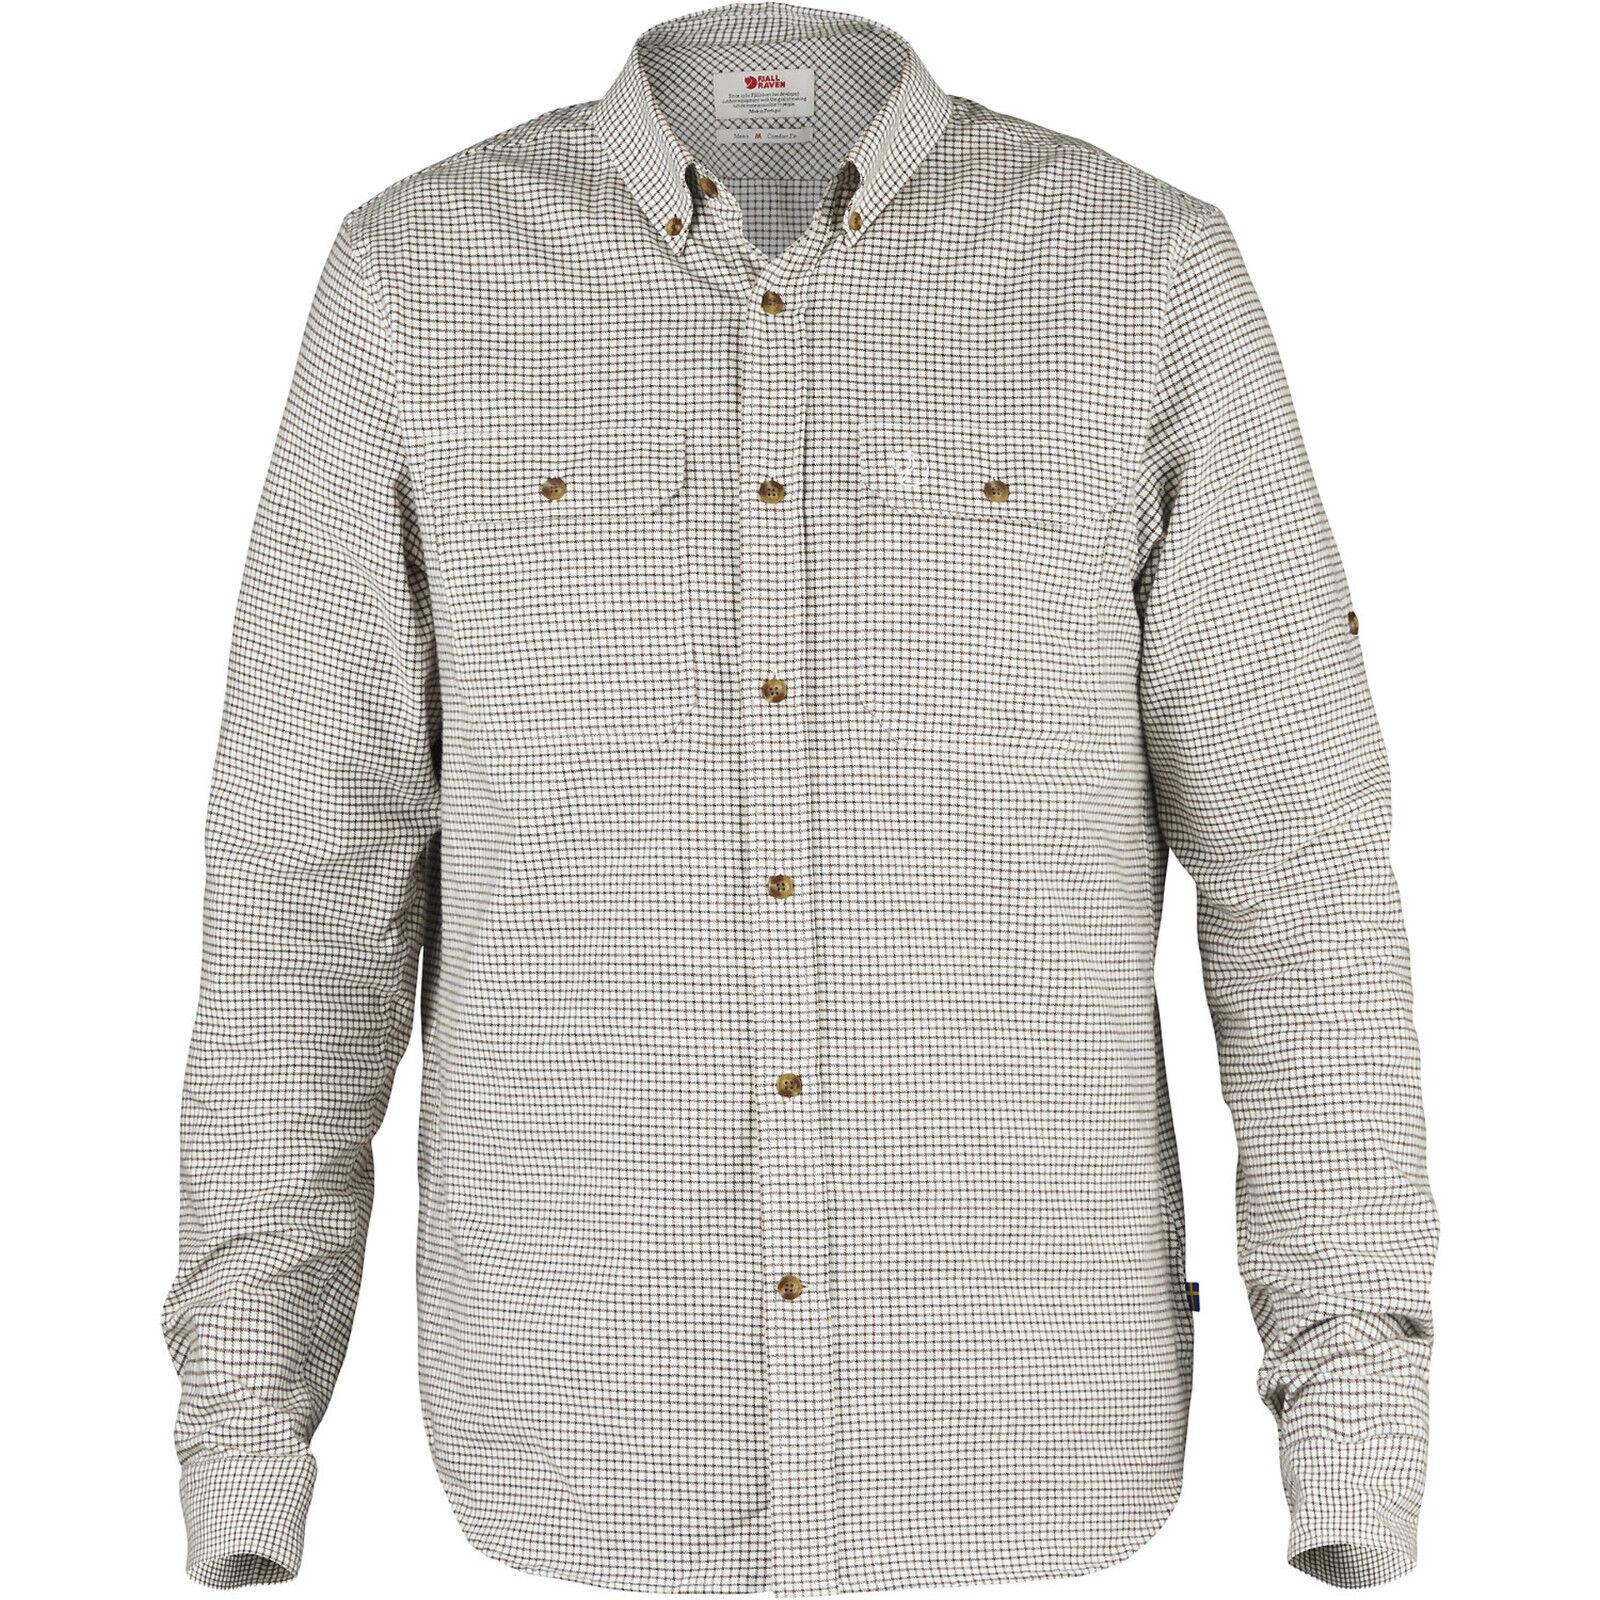 Fjällräven Forest Flannel Shirt  90565 eggshell Hemd Flannelhemd Herrenhemd